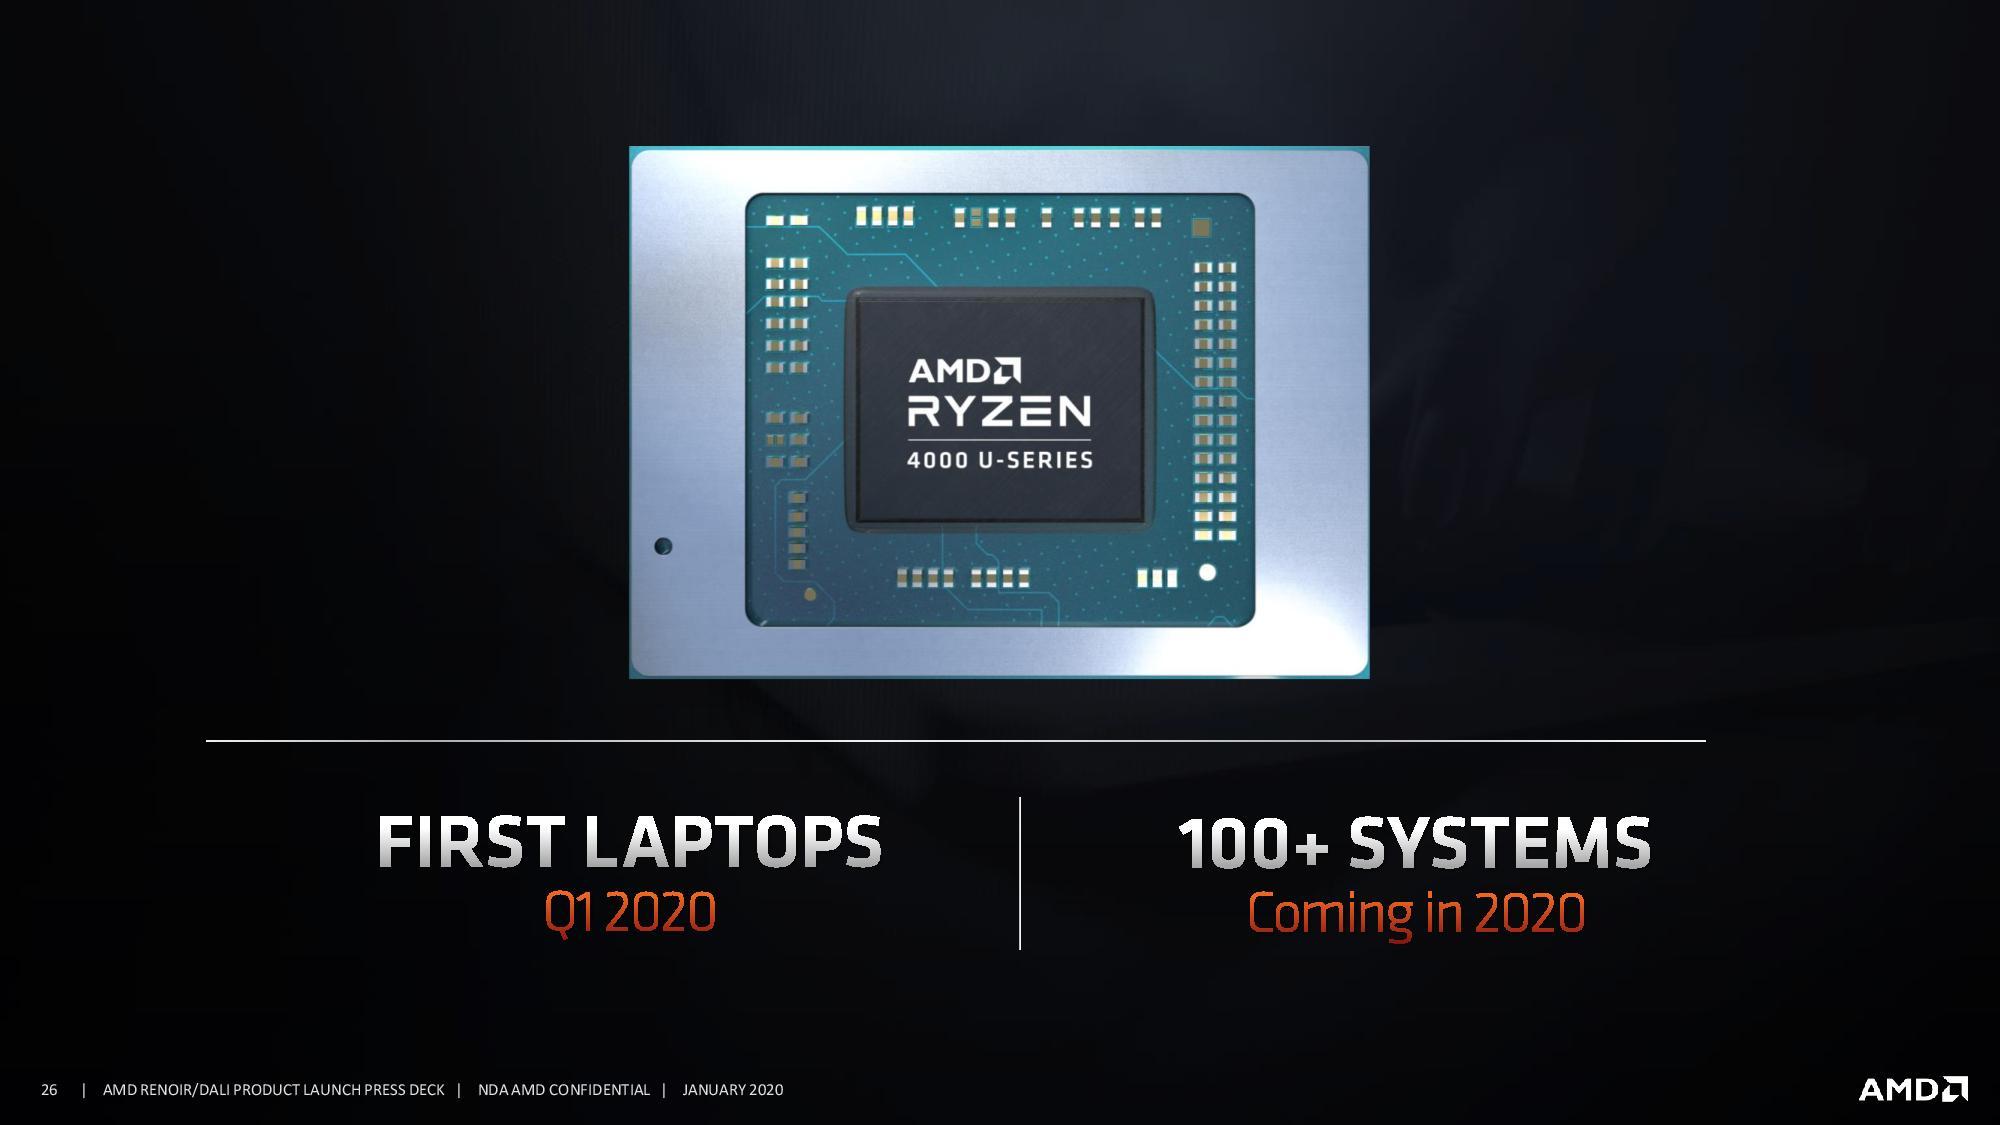 پردازندههای موبایل AMD Ryzen 4000 Renoir و مقایسه با مدلهای اینتلی